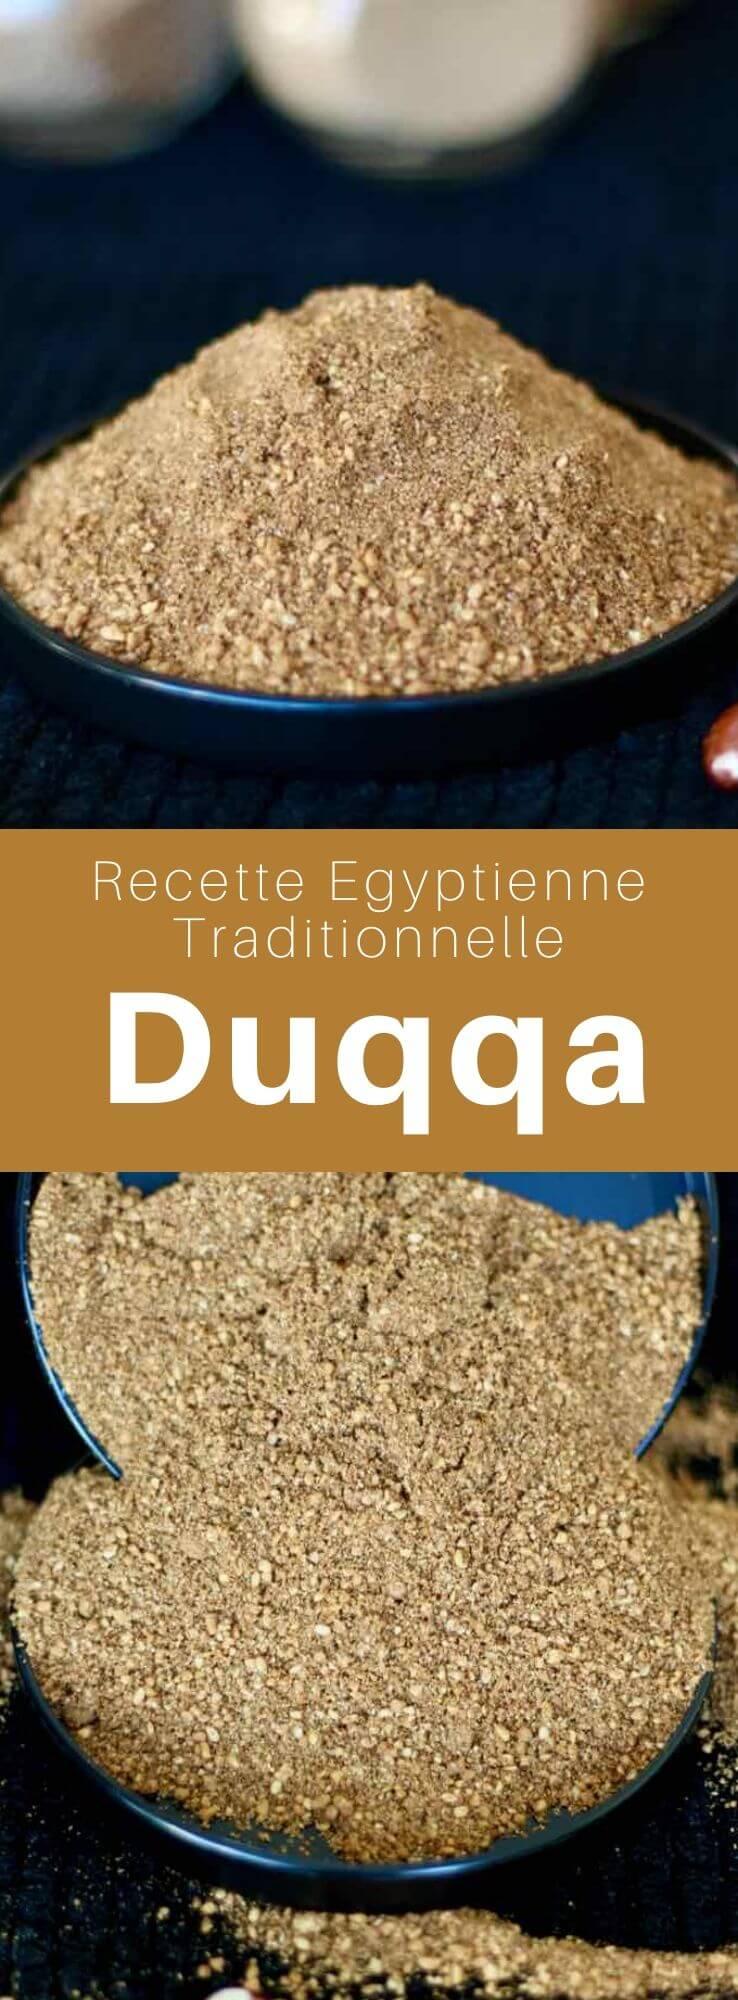 Le dukkah est un mélange d'épices, de graines et fruits secs, originaire d'Égypte et populaire au Moyen-Orient, en Ethiopie, Australie et Nouvelle-Zélande. #Egypte #RecetteEgyptienne #CuisineEgyptienne #CuisineDuMonde #196flavors